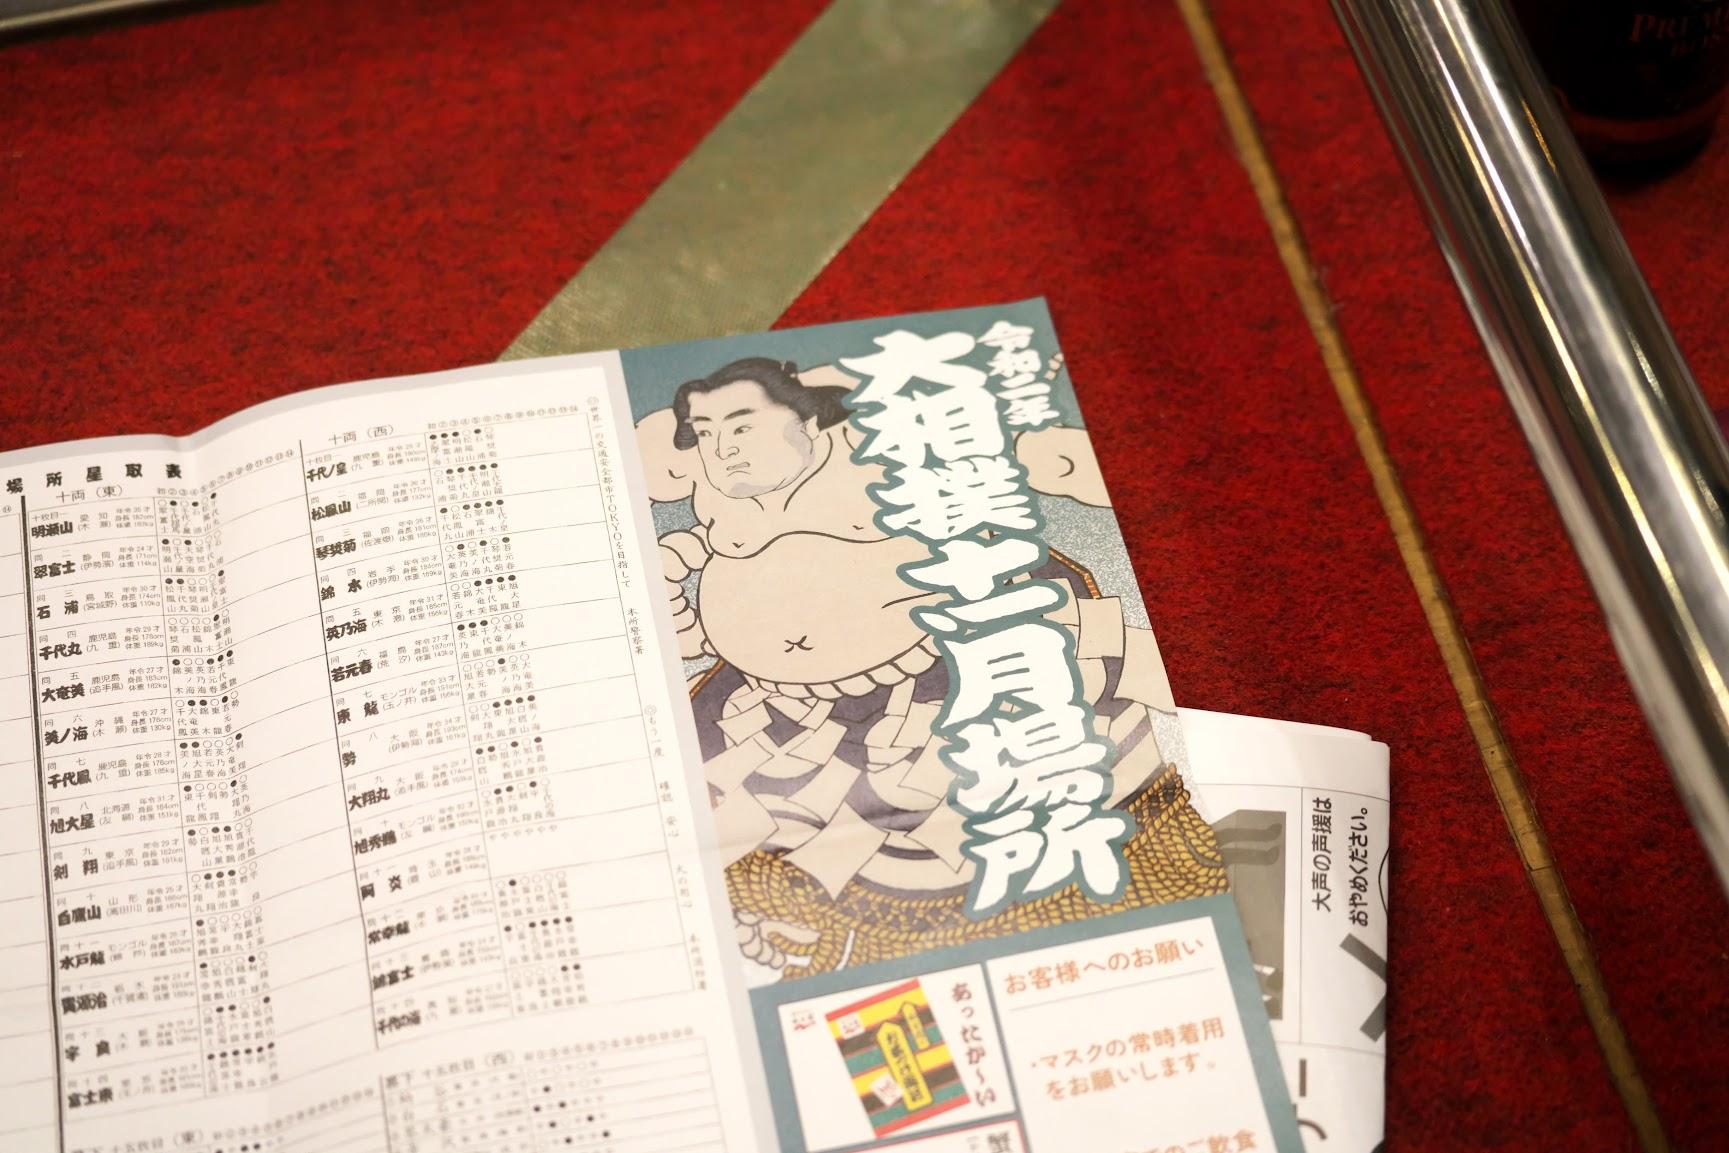 大相撲 11月場所 7日目を観戦しに行こう